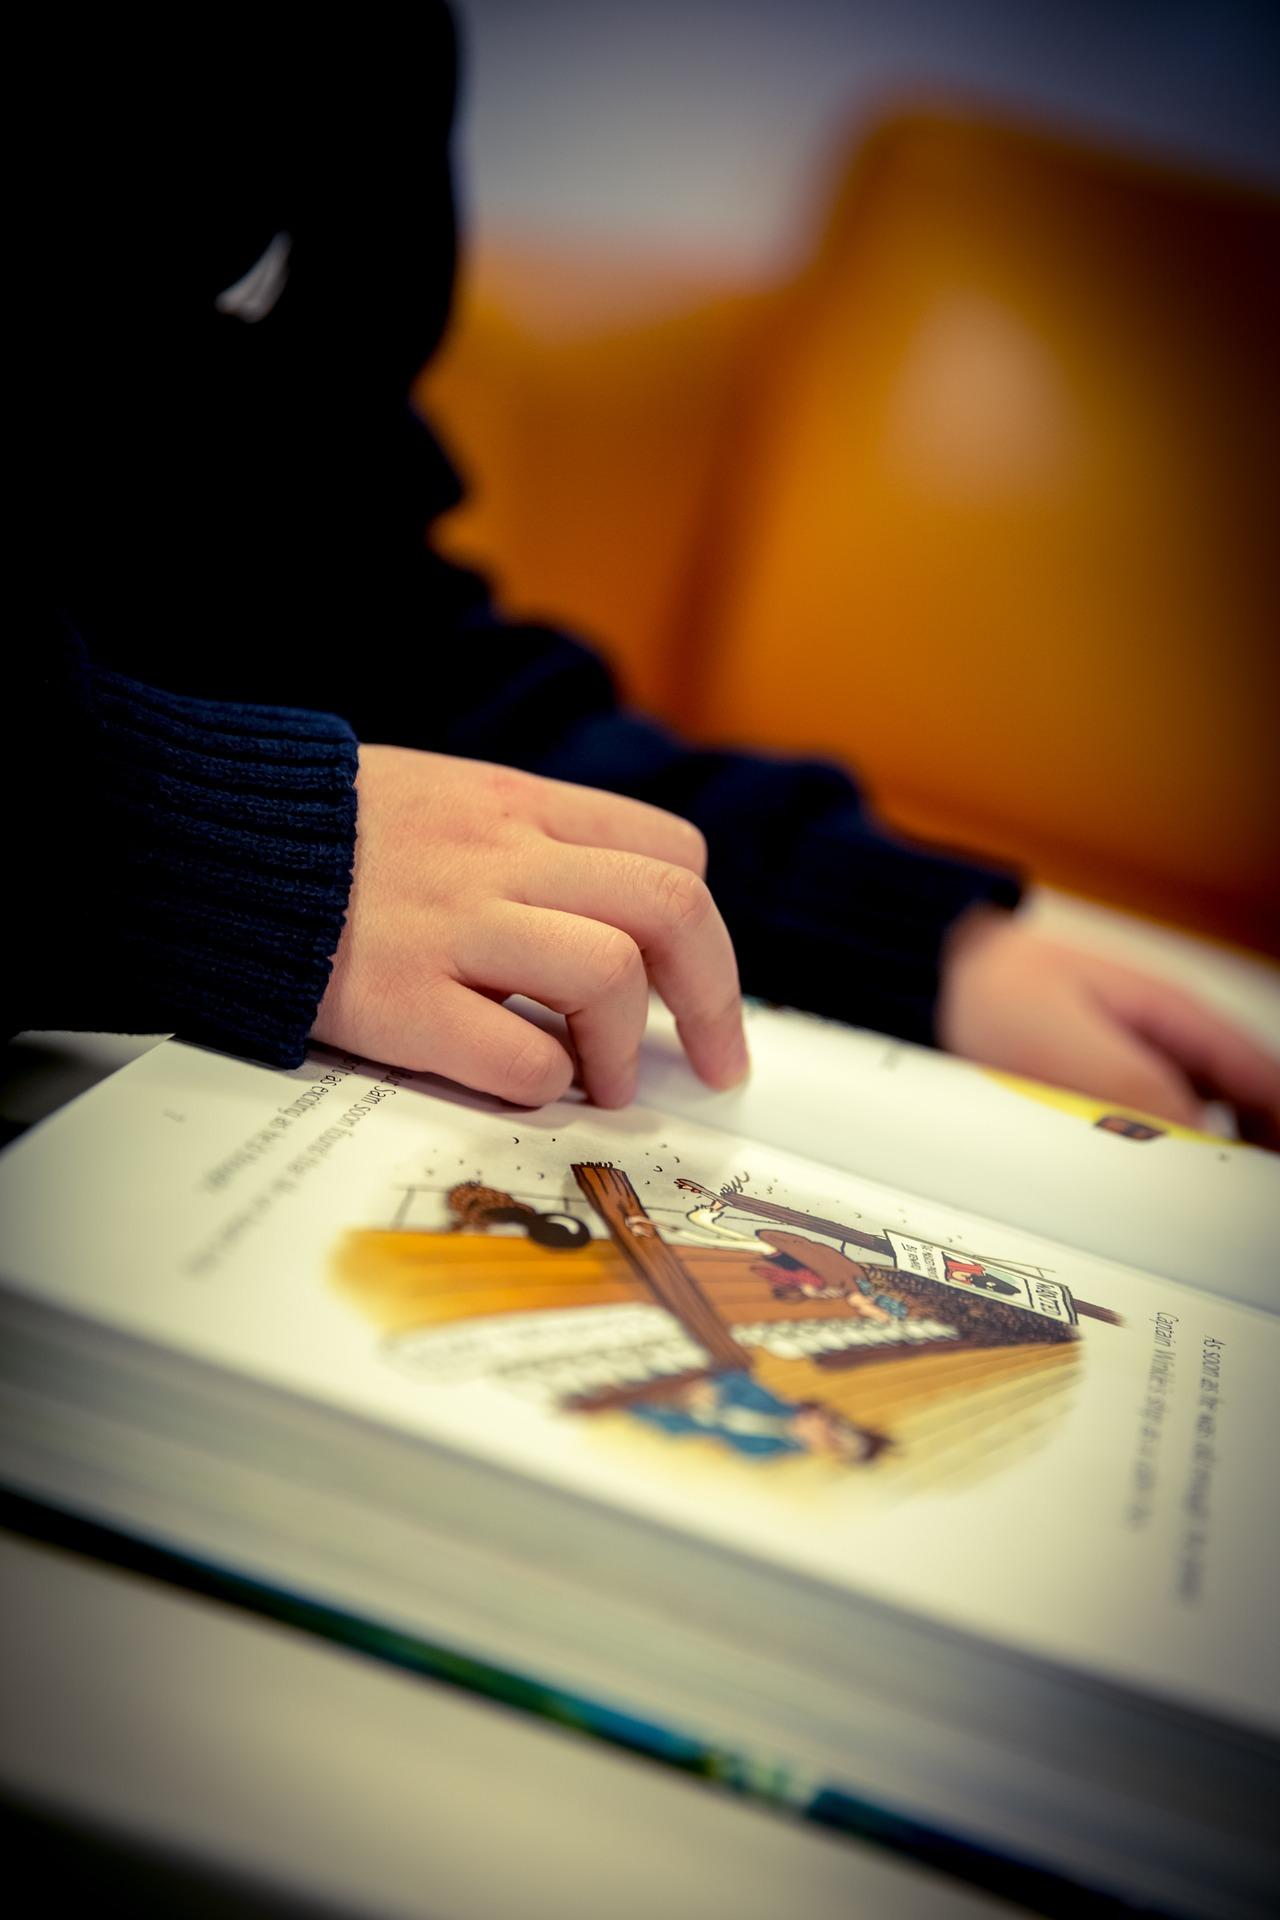 Hvordan kan læreren egentlig undersøke elevens leseflyt og hvorfor er det viktig?